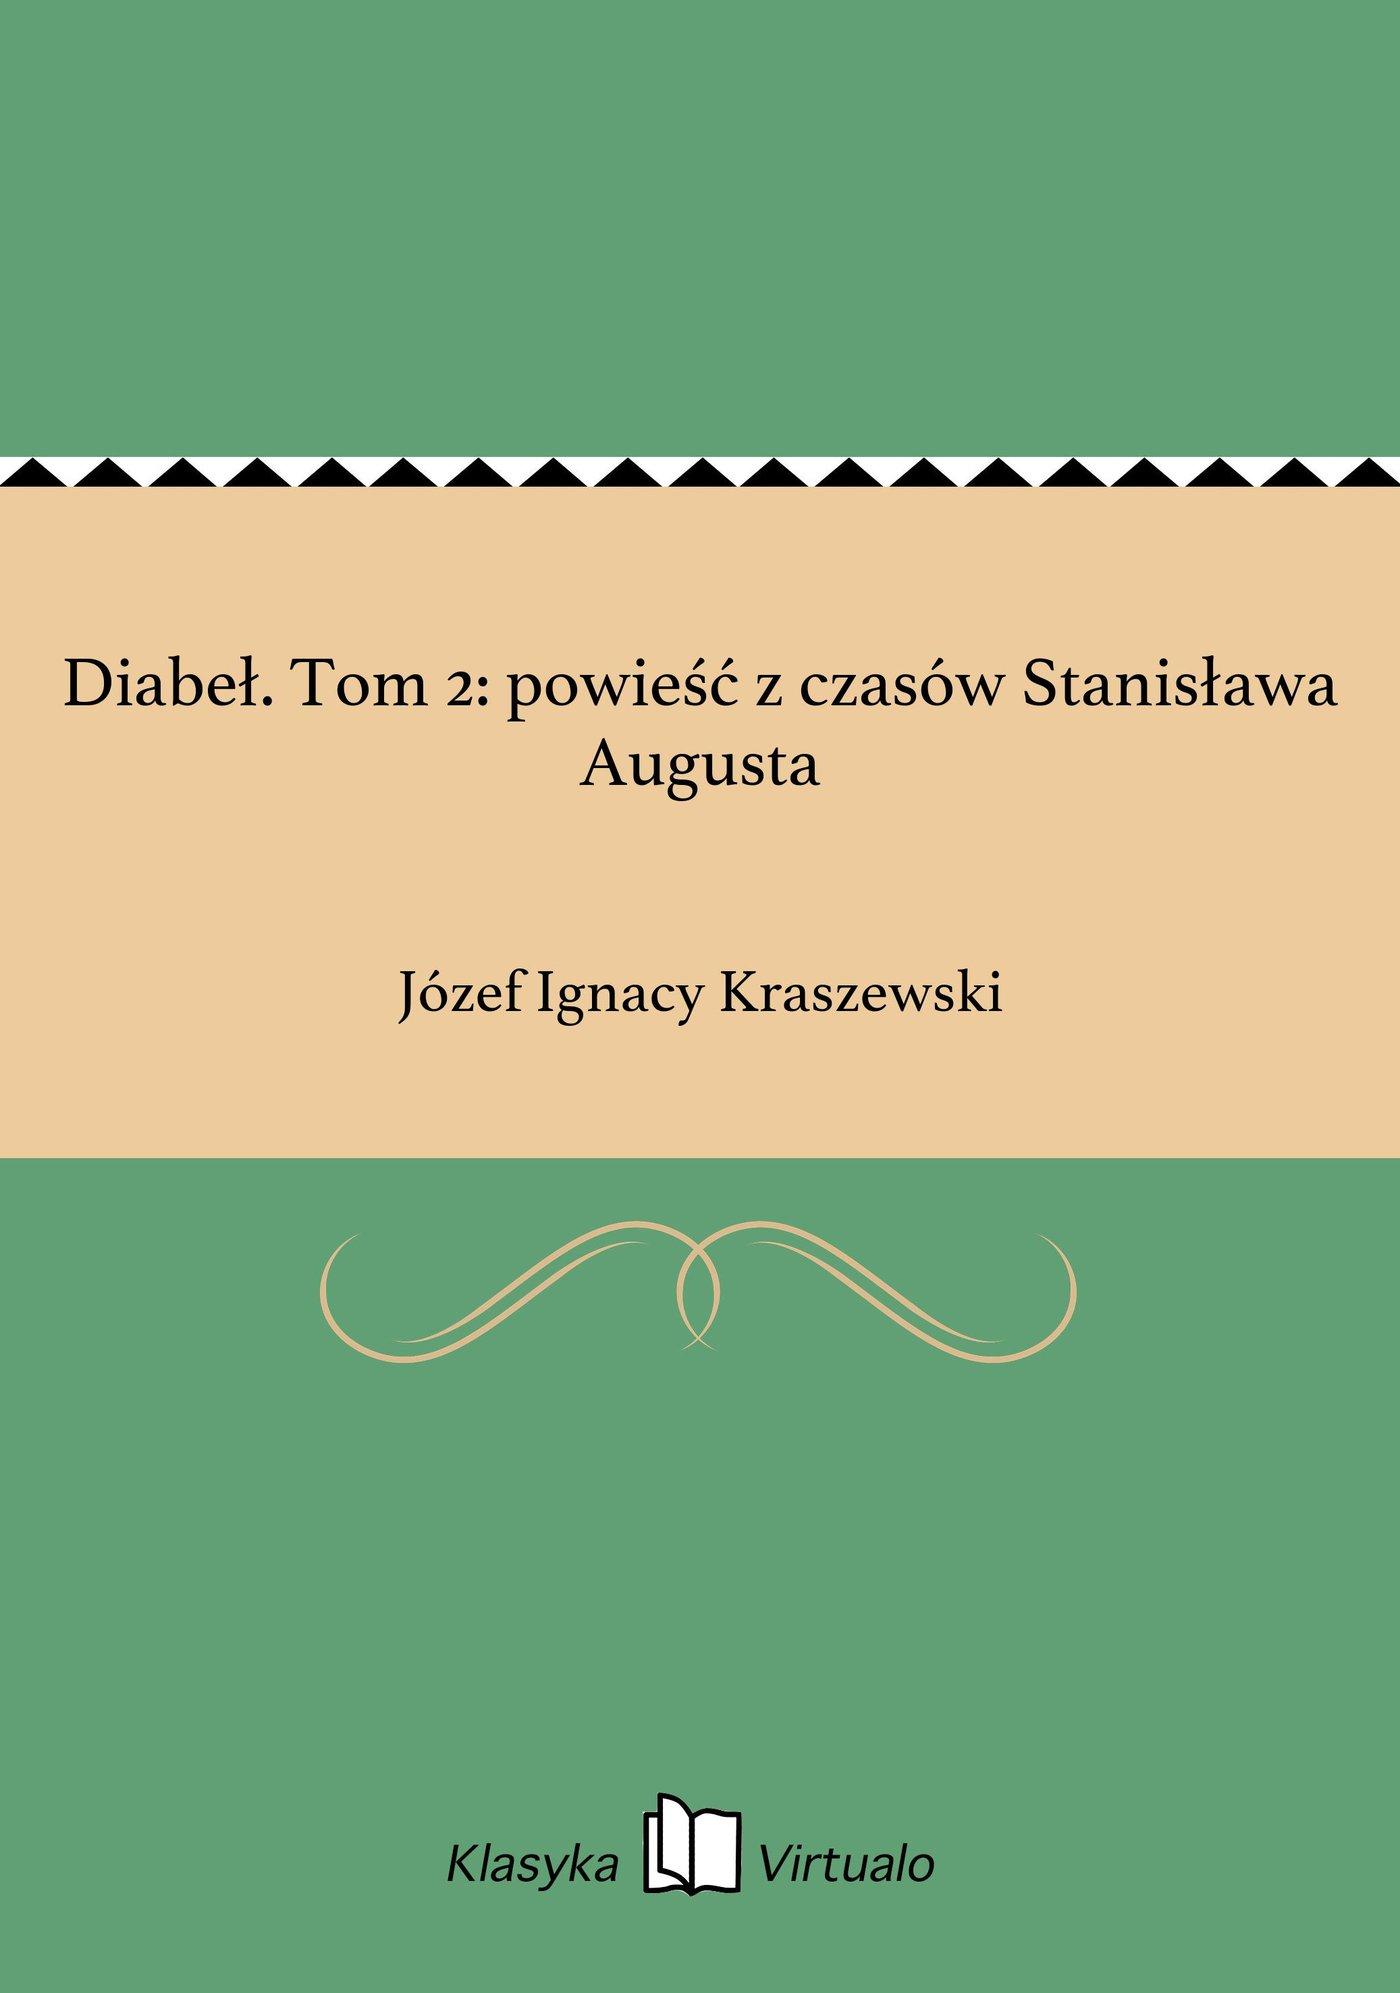 Diabeł. Tom 2: powieść z czasów Stanisława Augusta - Ebook (Książka EPUB) do pobrania w formacie EPUB